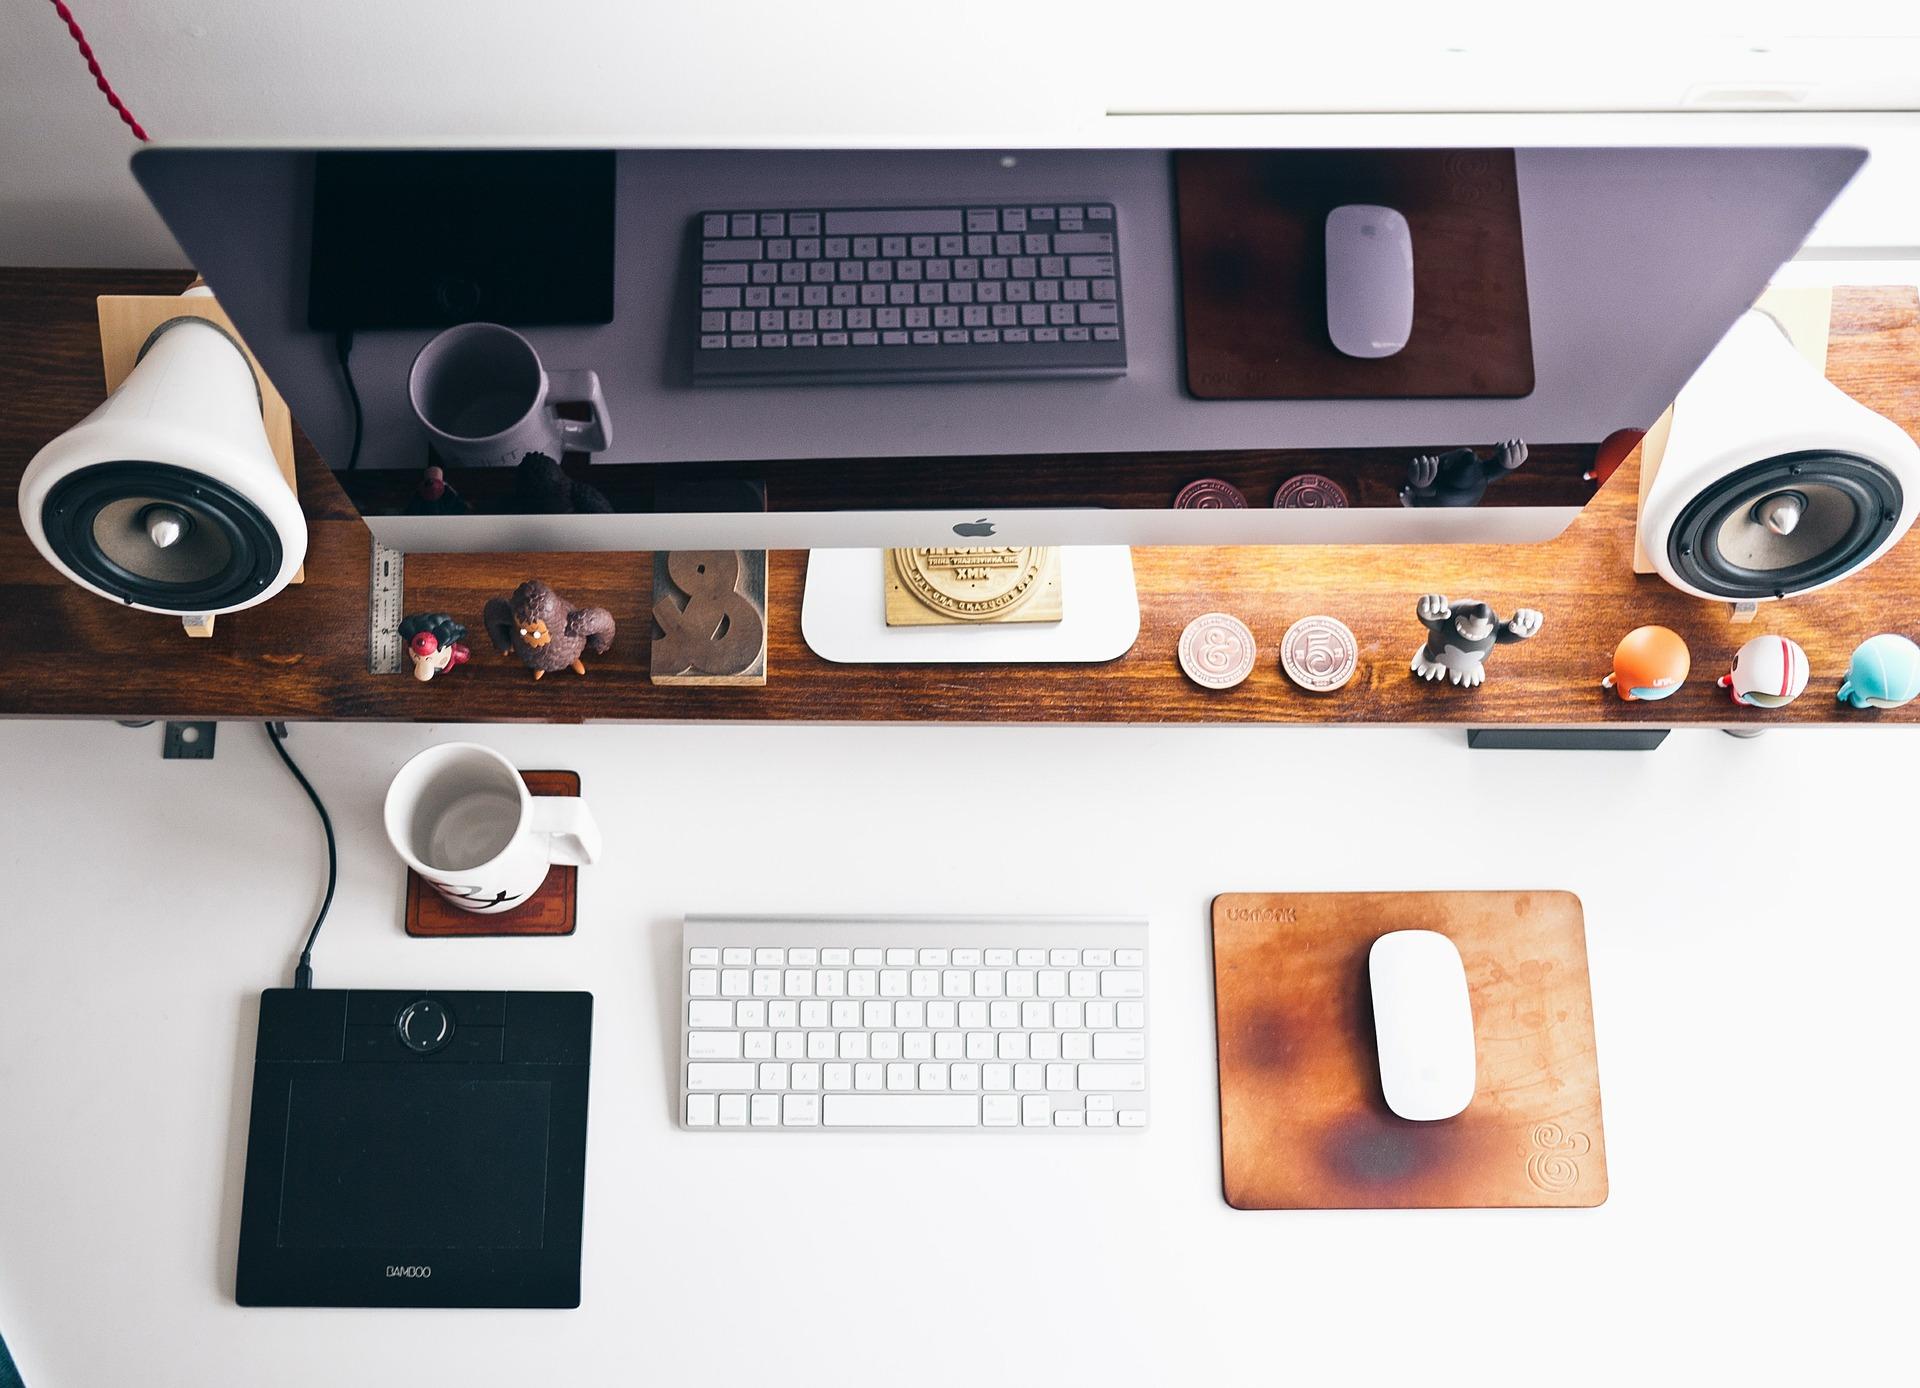 home-office-569359_1920.jpg